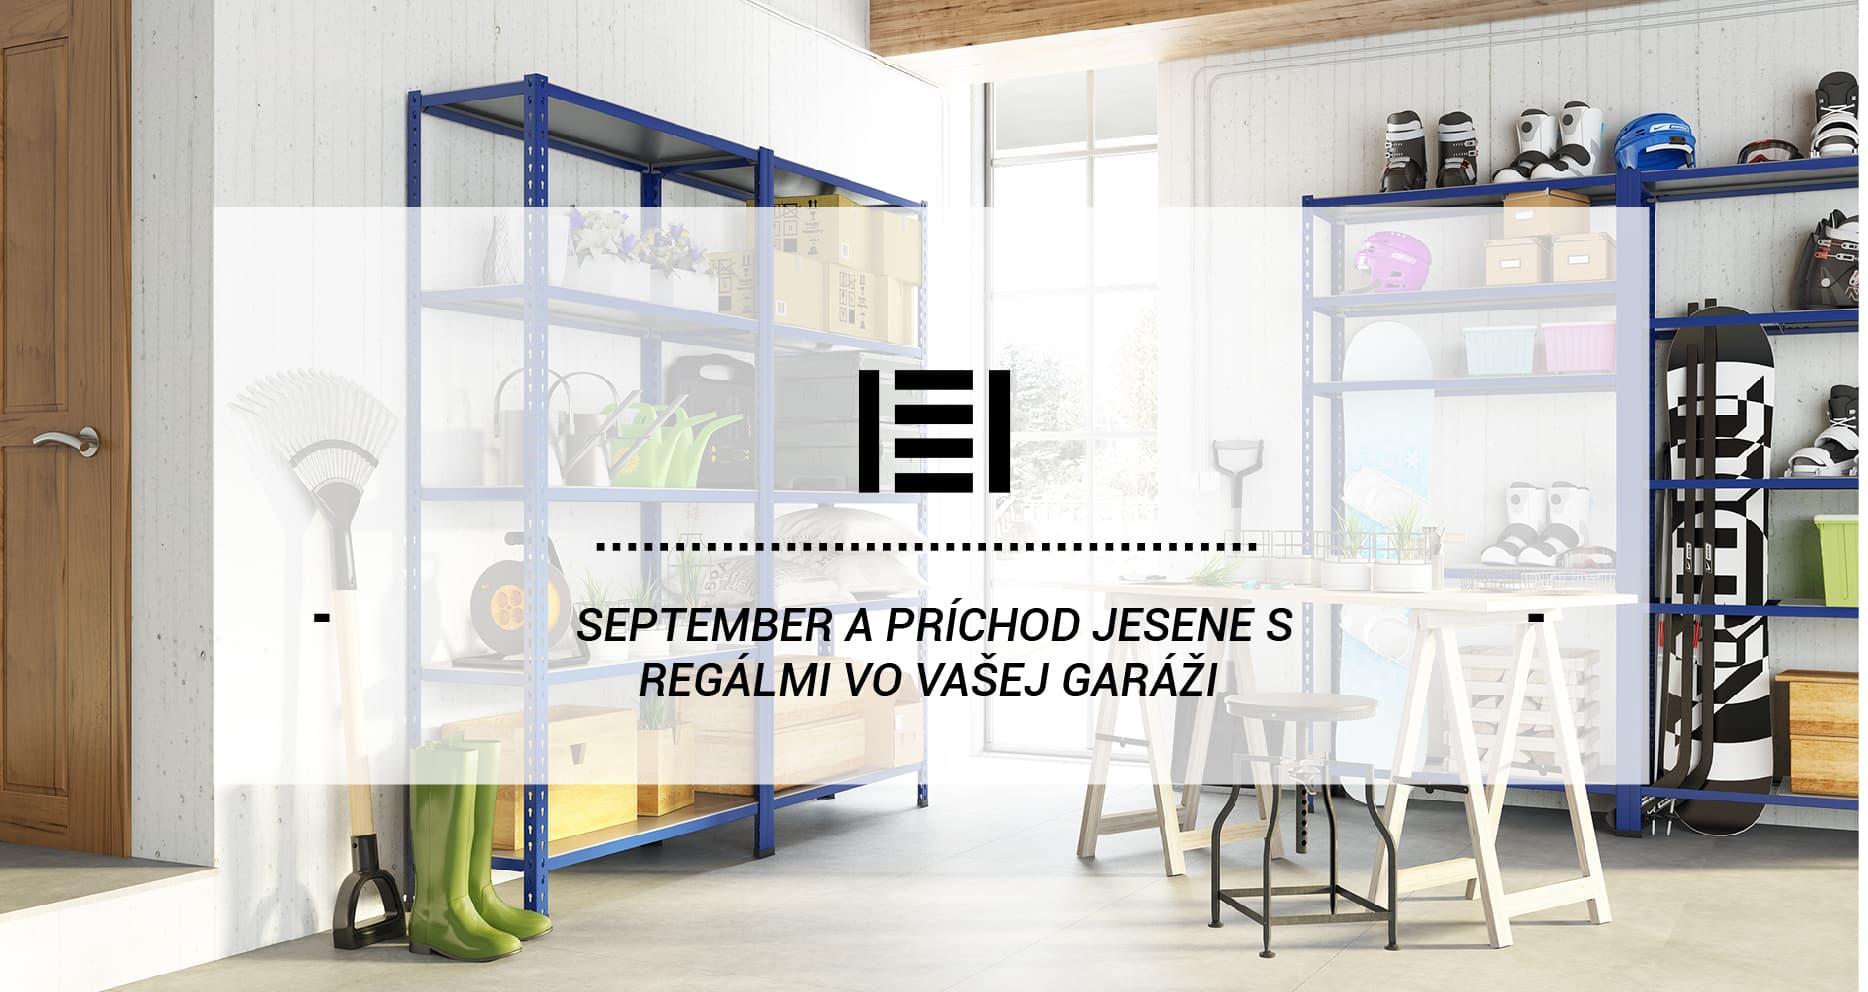 September a príchod jesene s regálmi vo vašej garáži